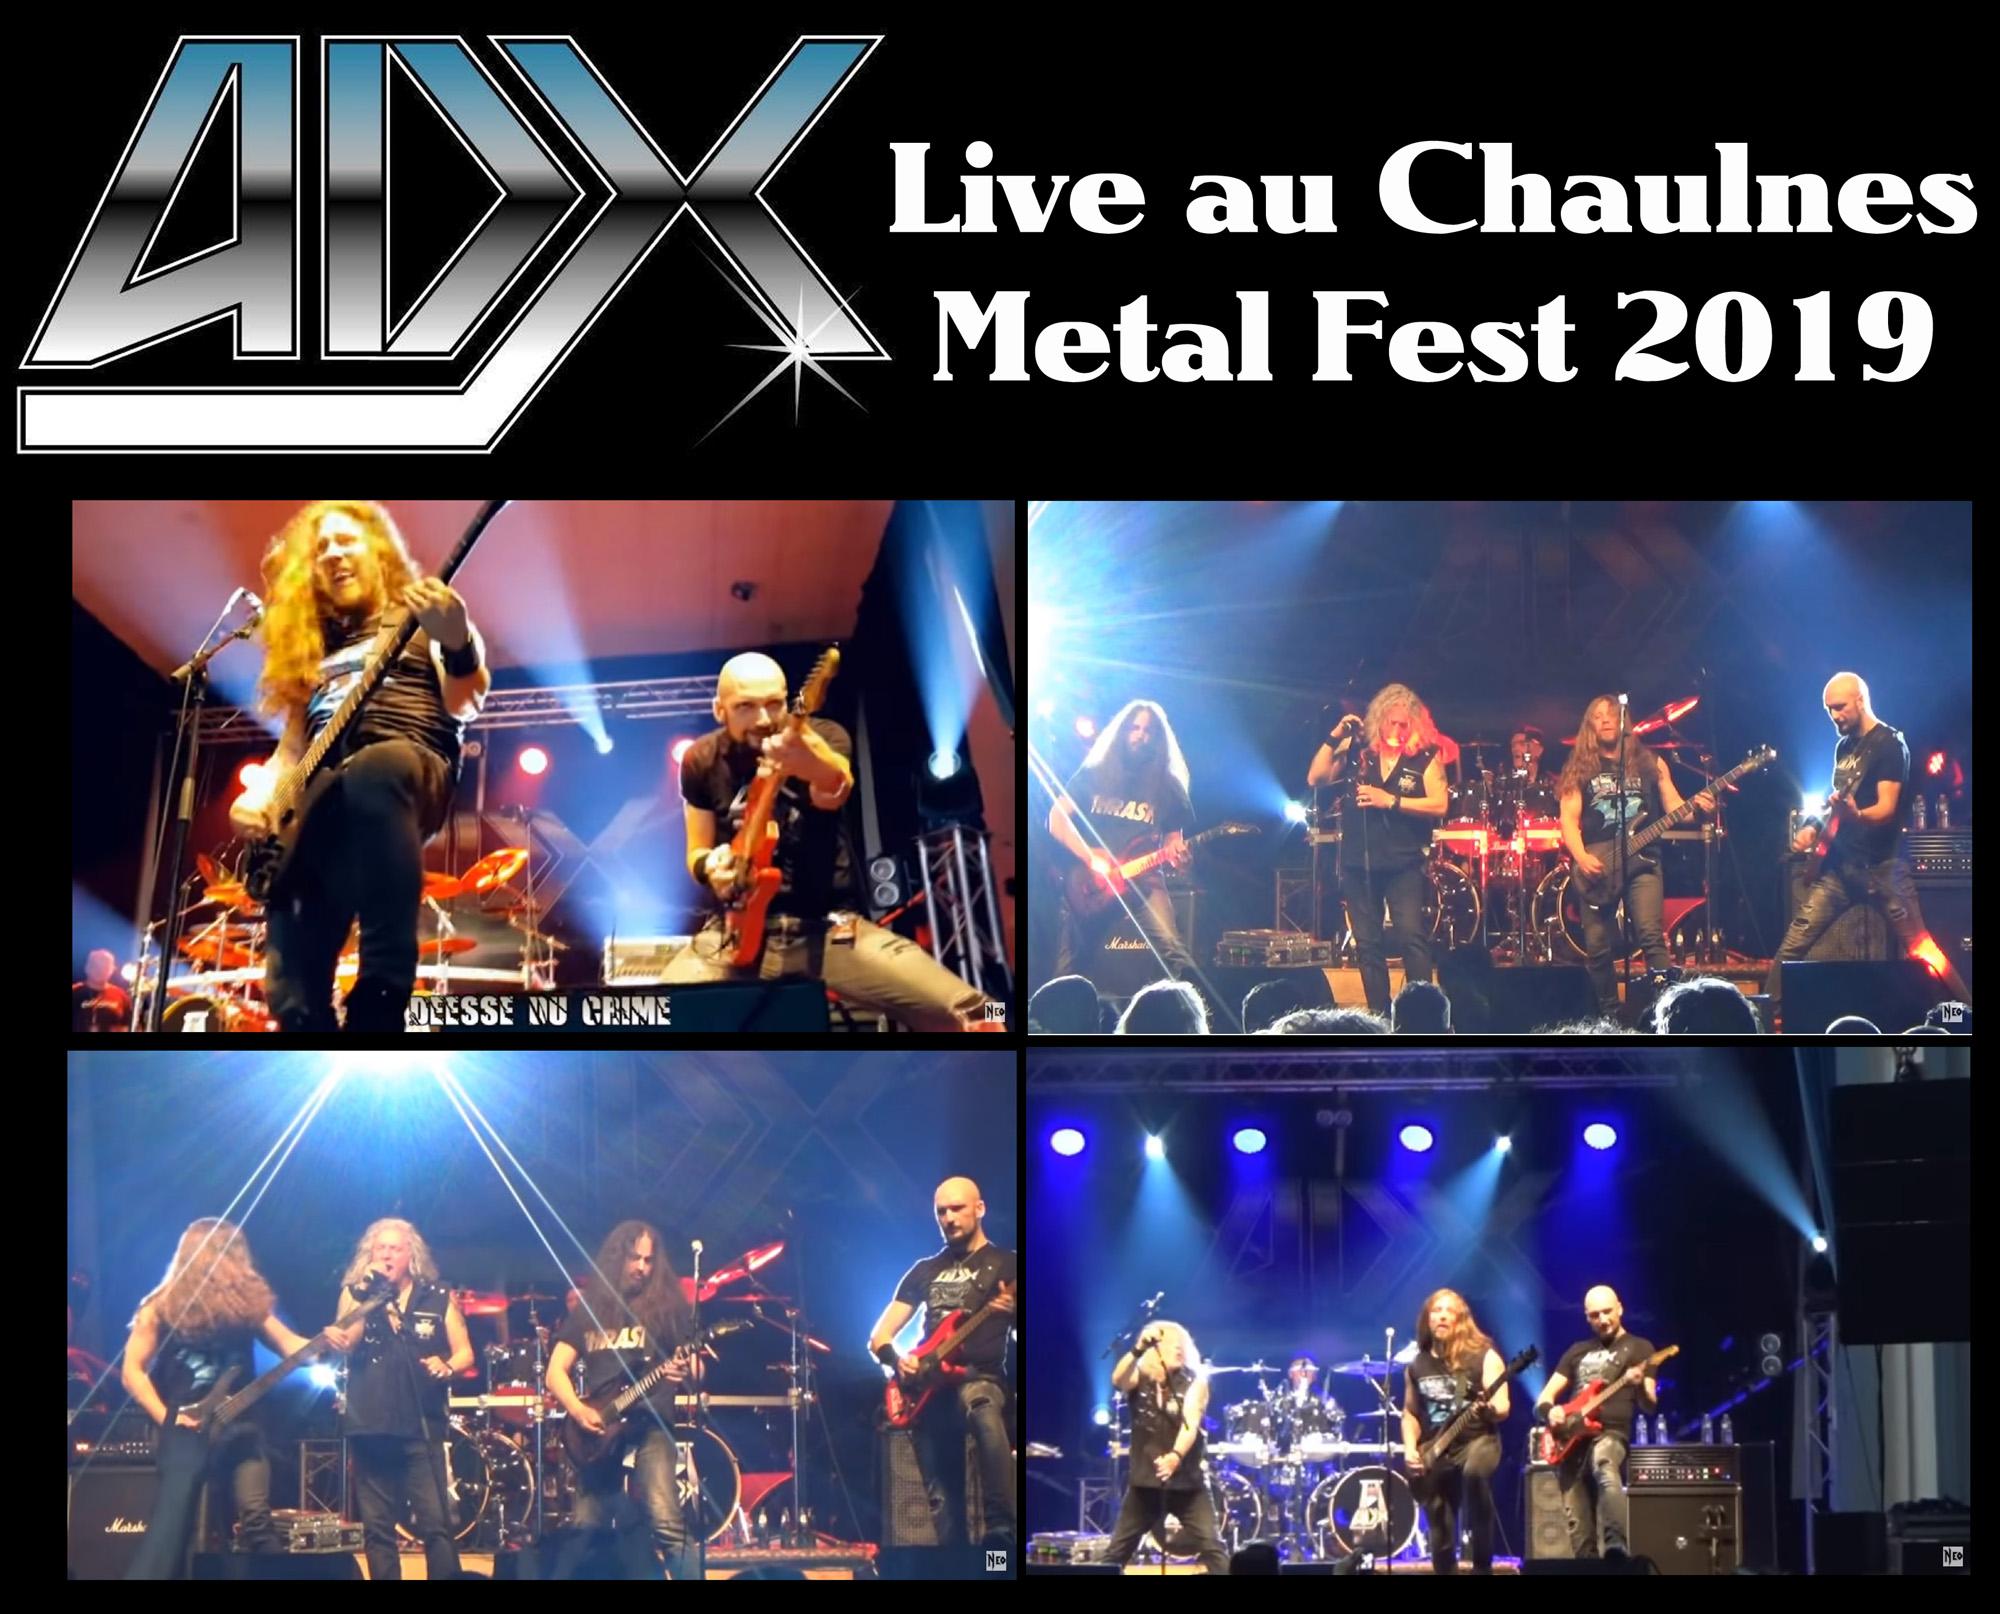 ADX Live au Chaulnes Metal Fest 2019 (Concert complet) Adx_li10